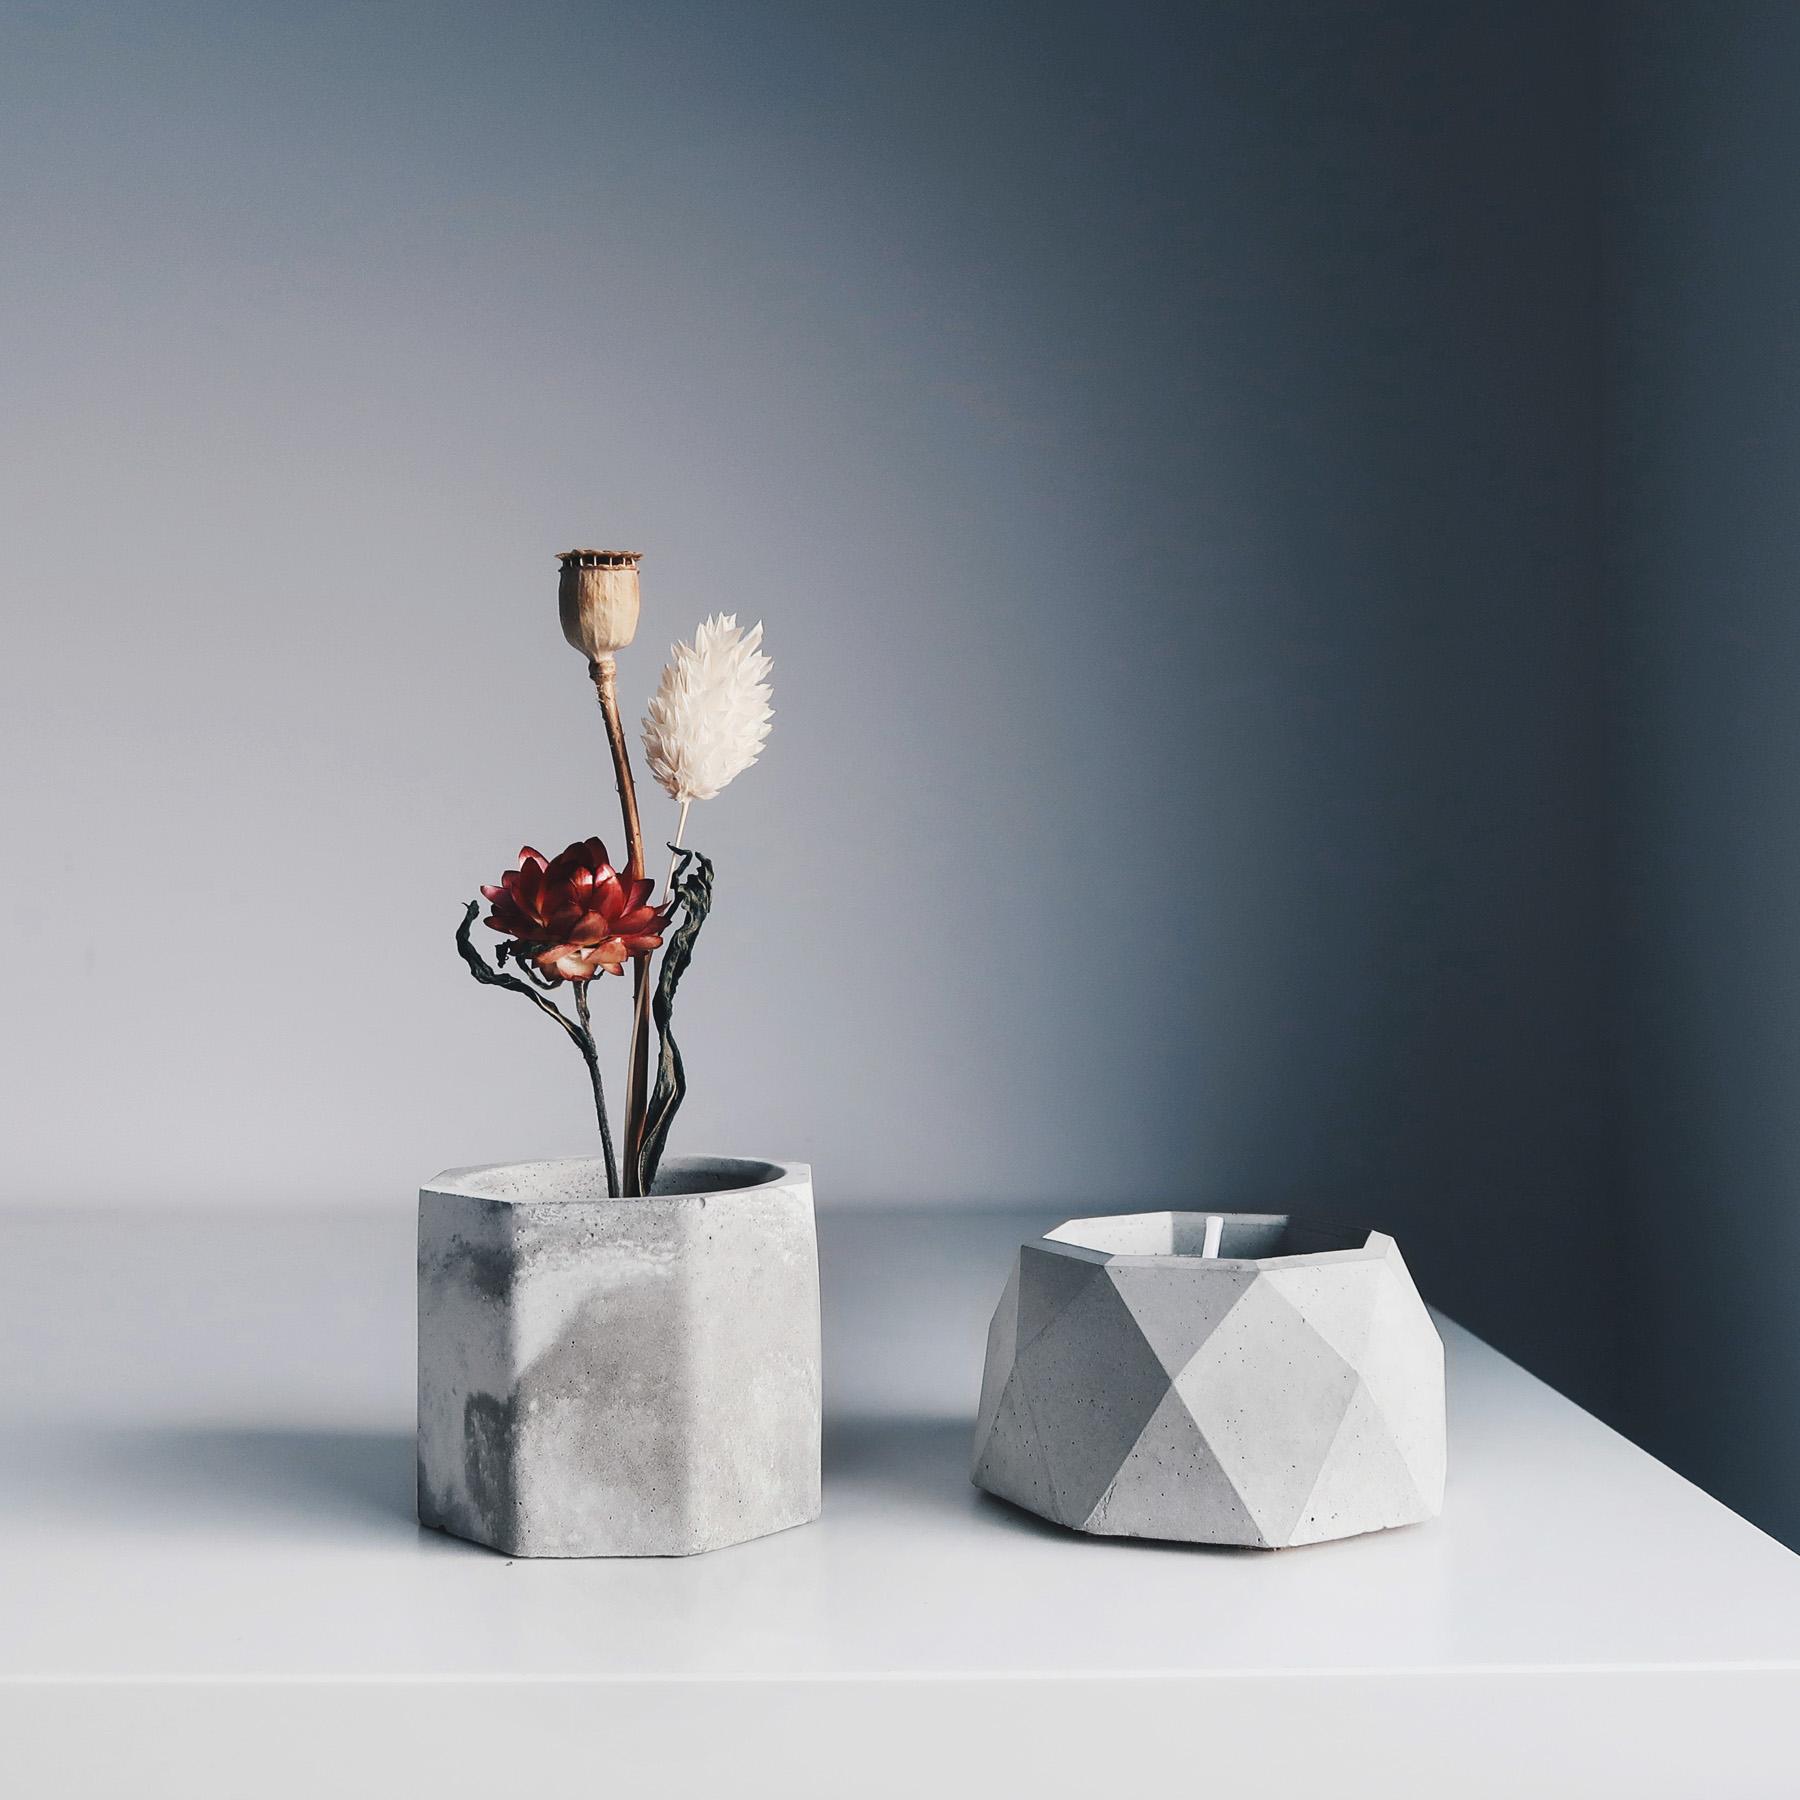 BLOOMING 綻放水泥銅座盆器・線香燭台・收納盤組 / Concrete candle holder, vase & dish gift set